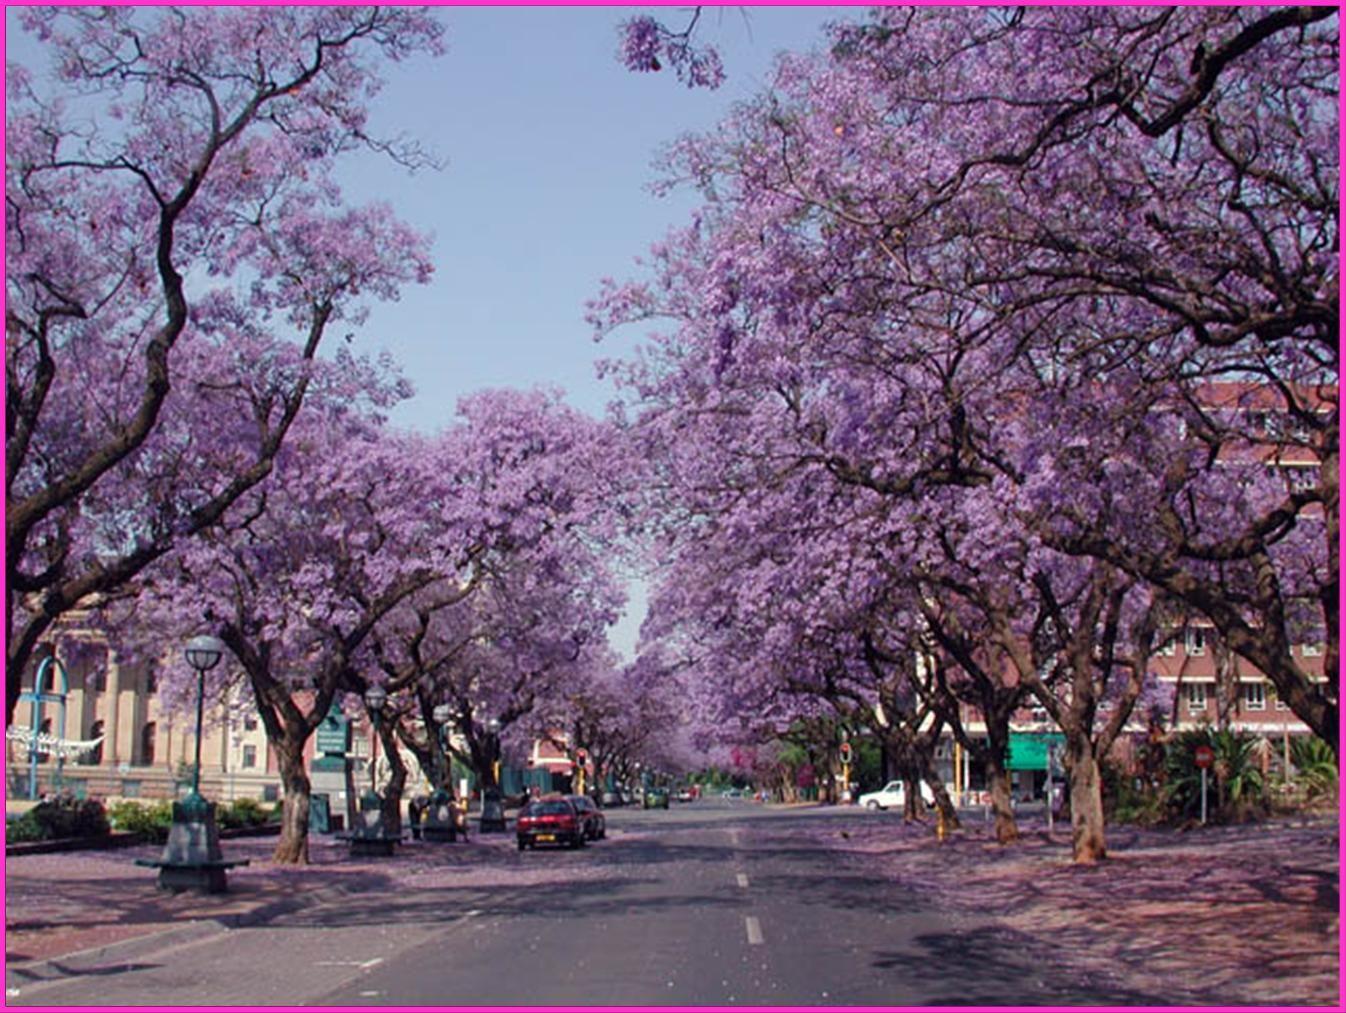 Pretoria South Africa Jacaranda Tree South Africa Travel Africa Travel